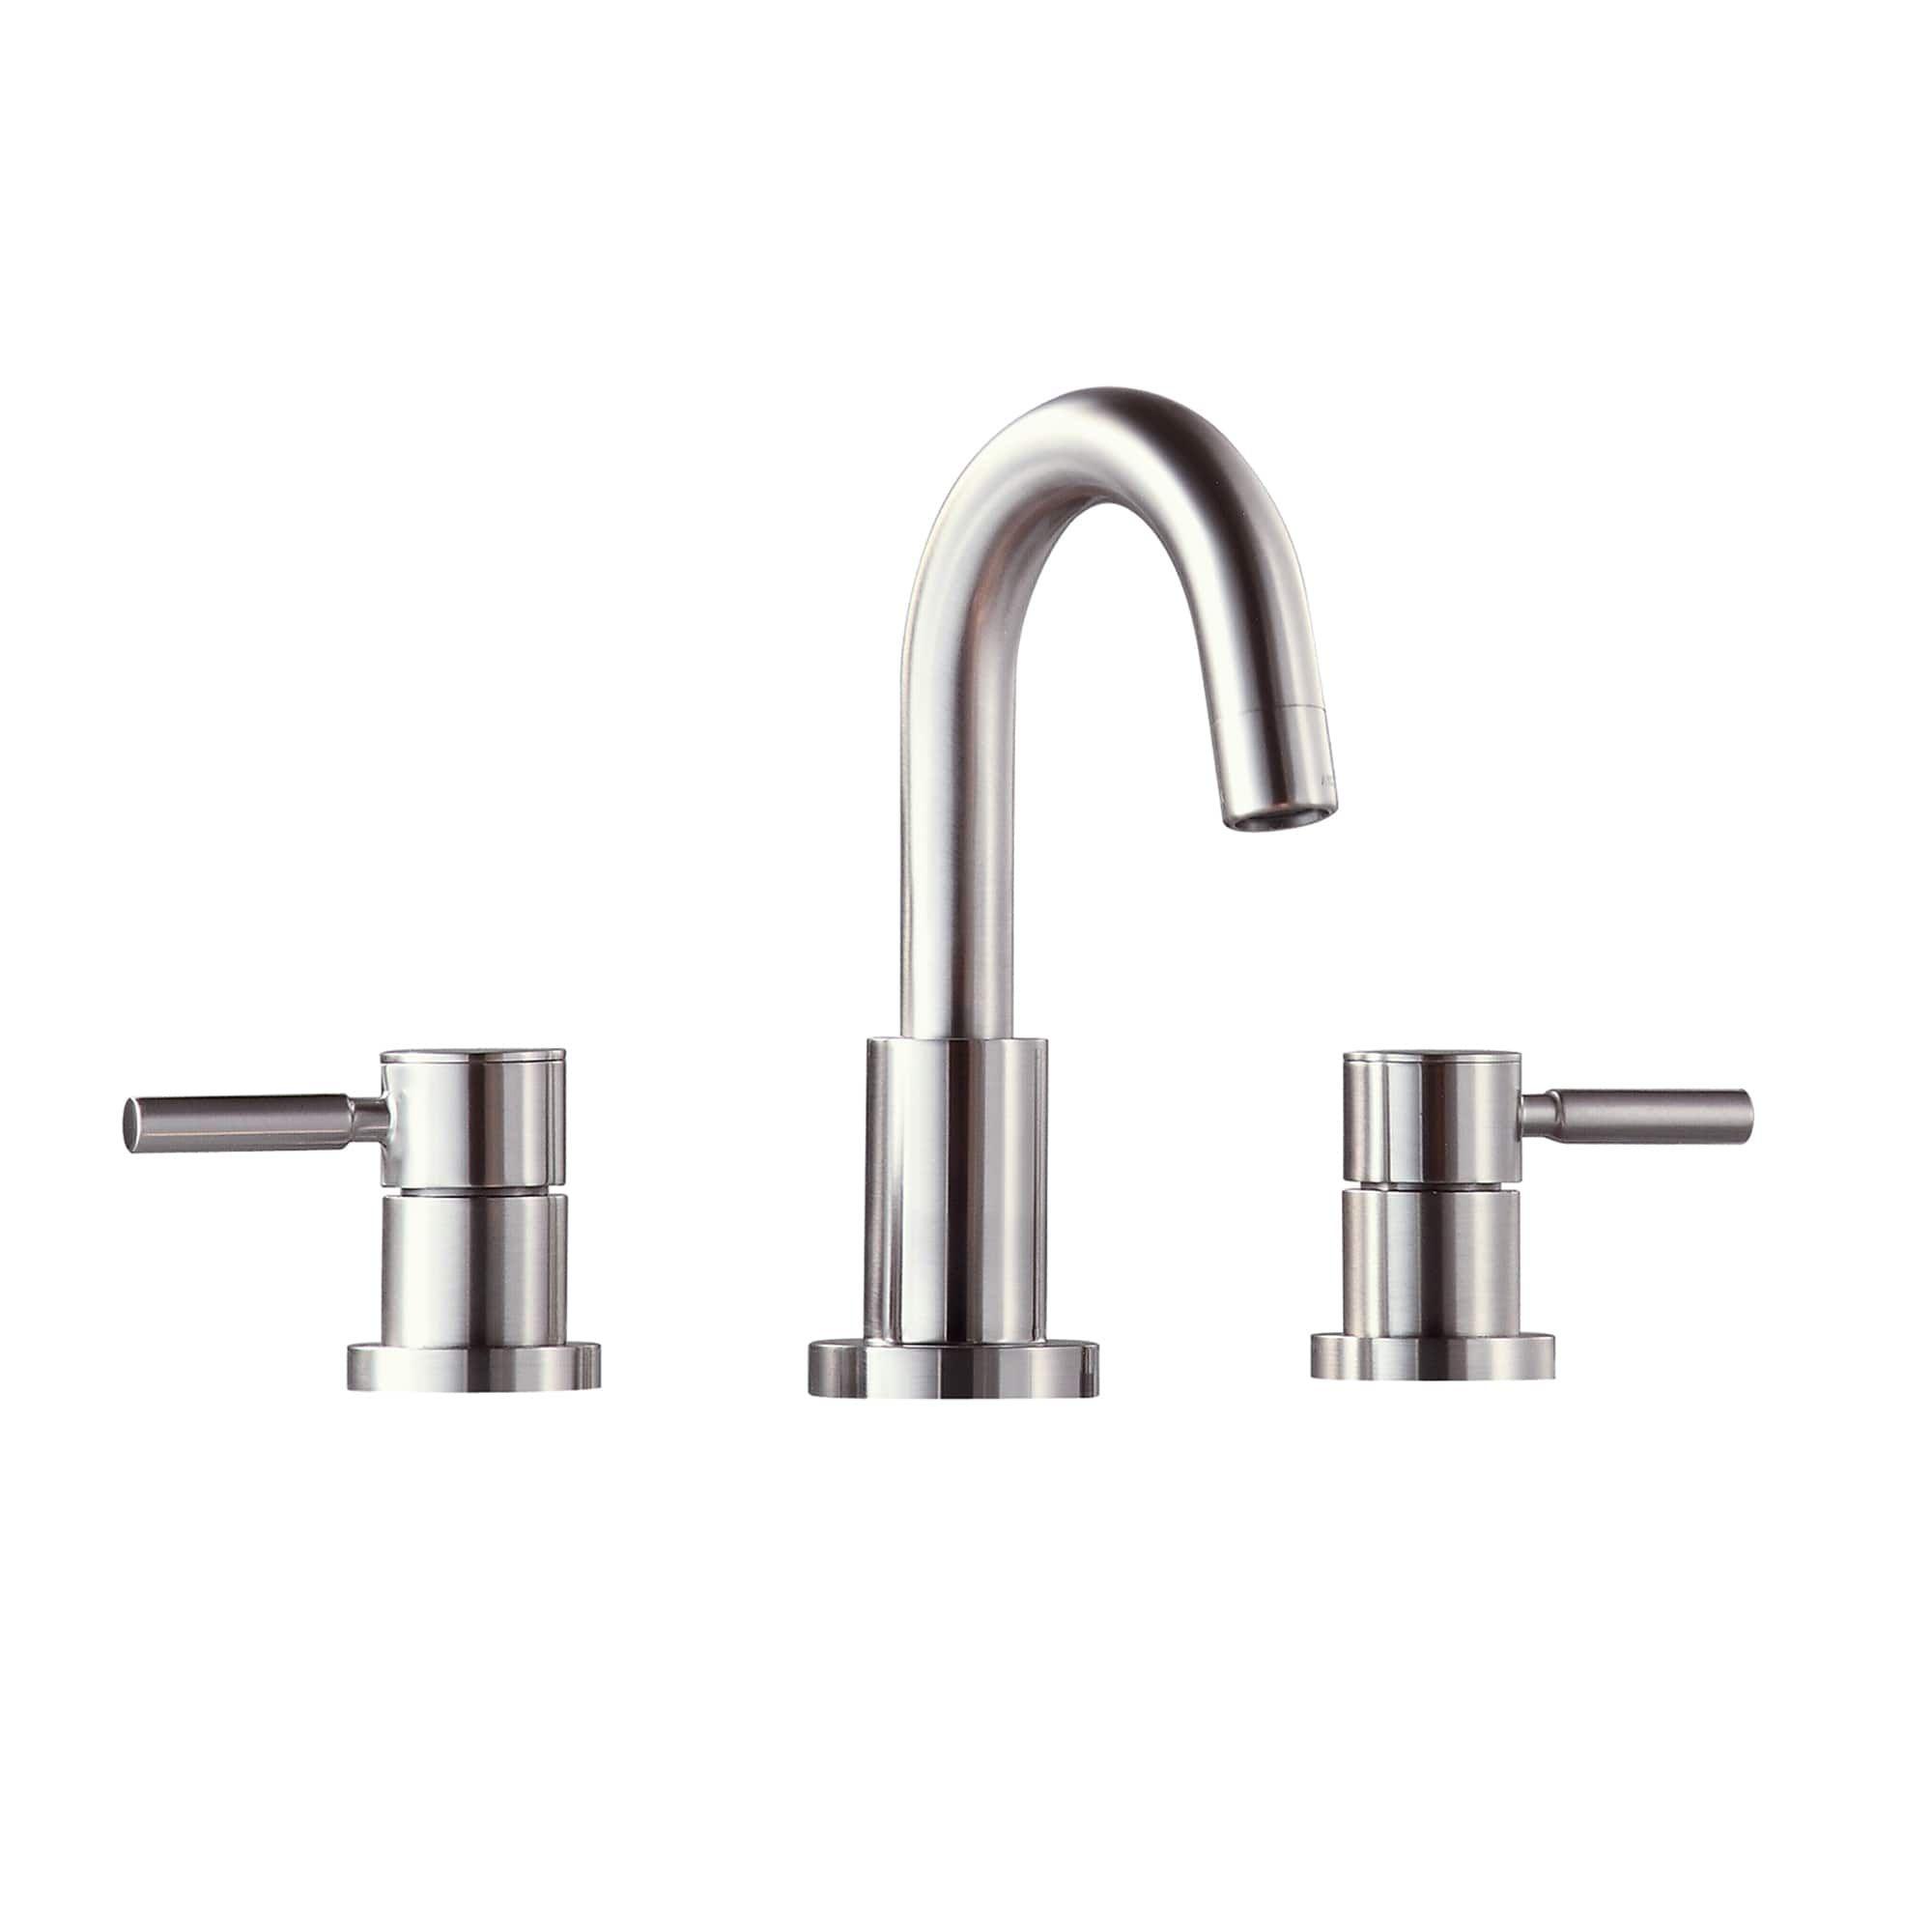 Avanity Positano 8 Inch Widespread Bath Faucet Polished